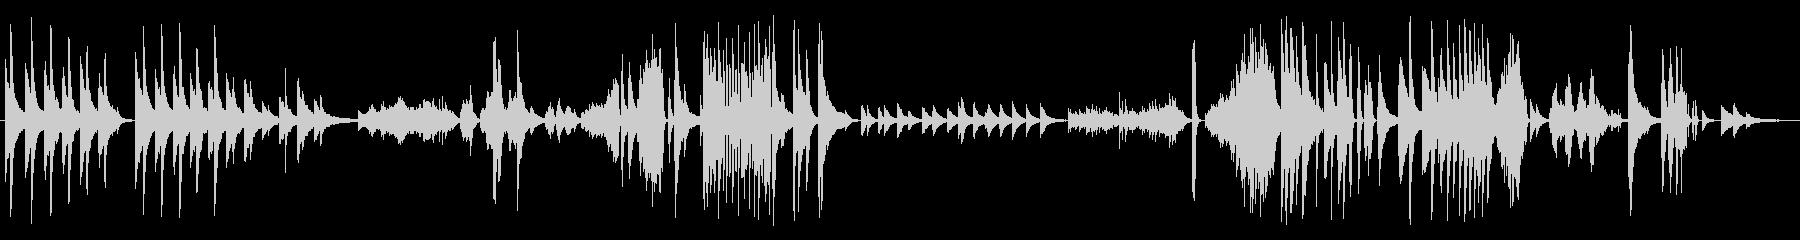 ソロピアノ。さまざまな画像、流れる...の未再生の波形